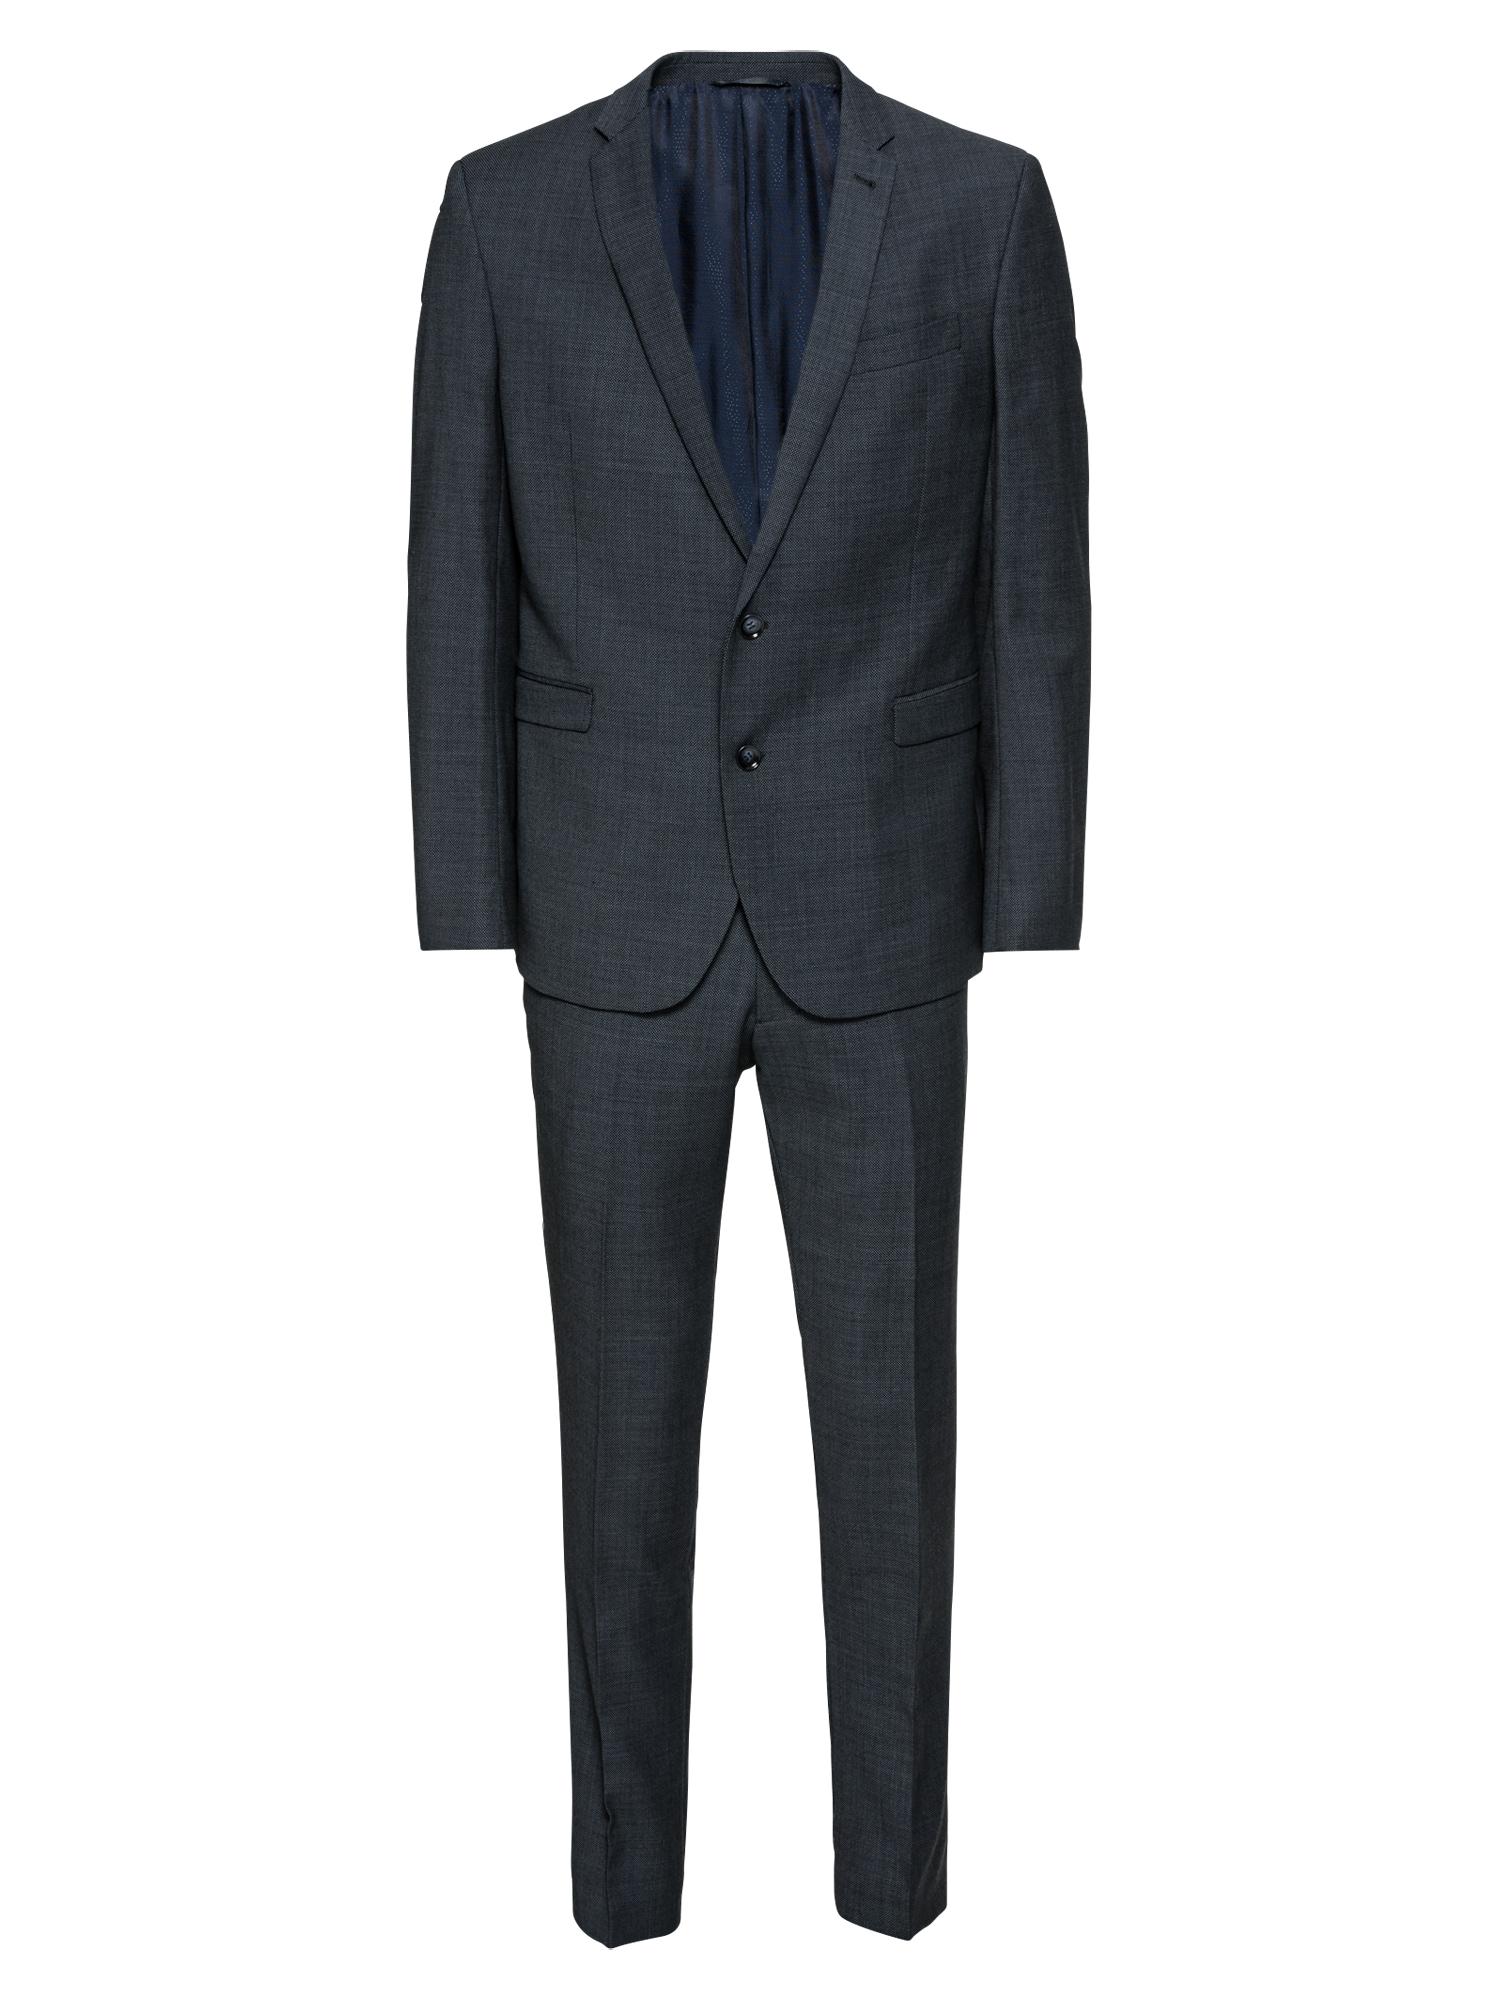 Oblek CIMELOTTI modrá CINQUE